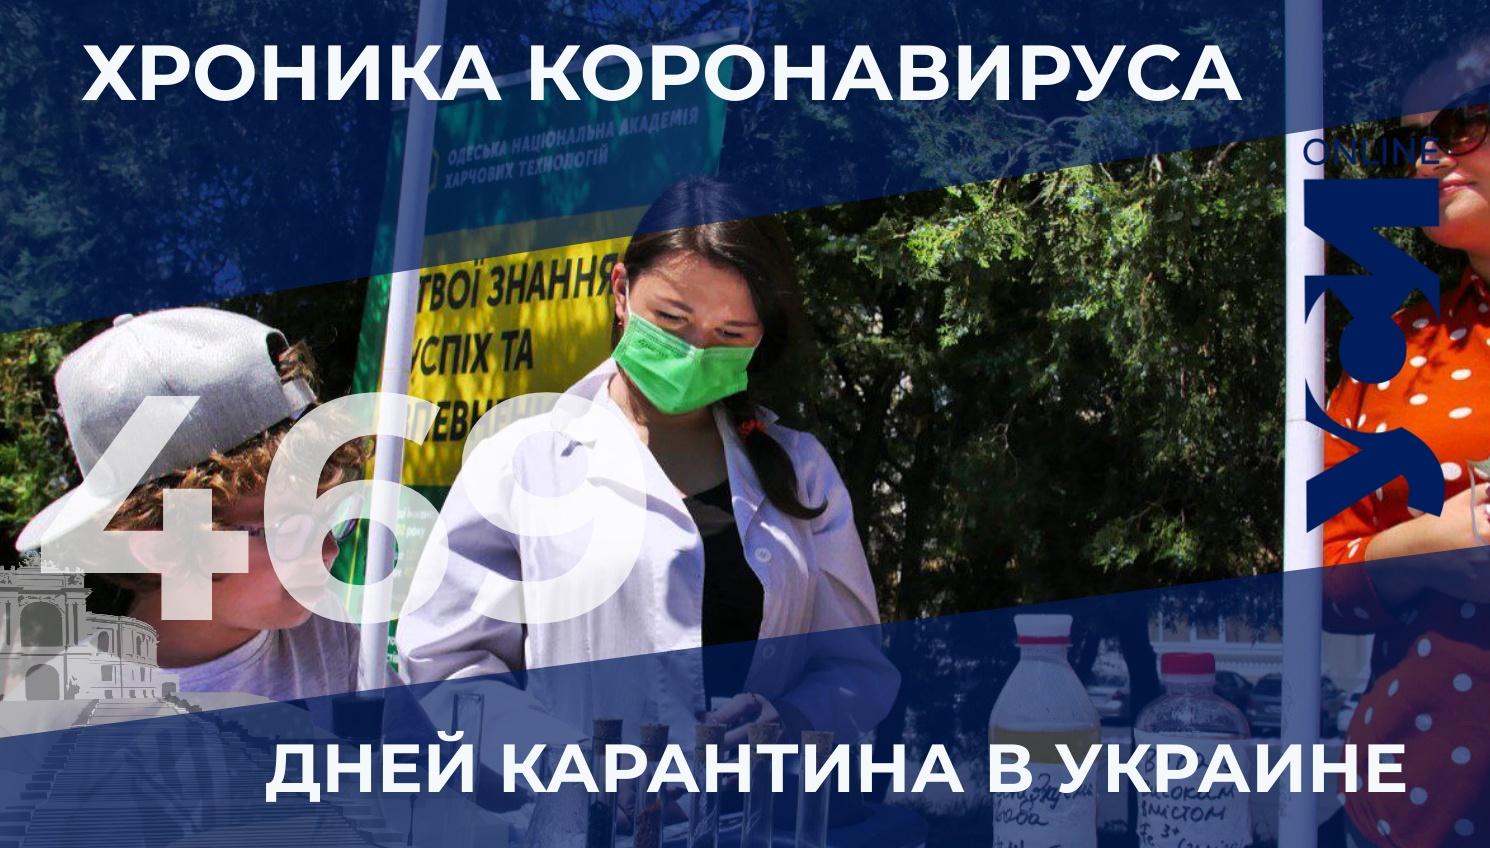 Хроника COVID-19: в Одесской области — 30 новых заболевших «фото»